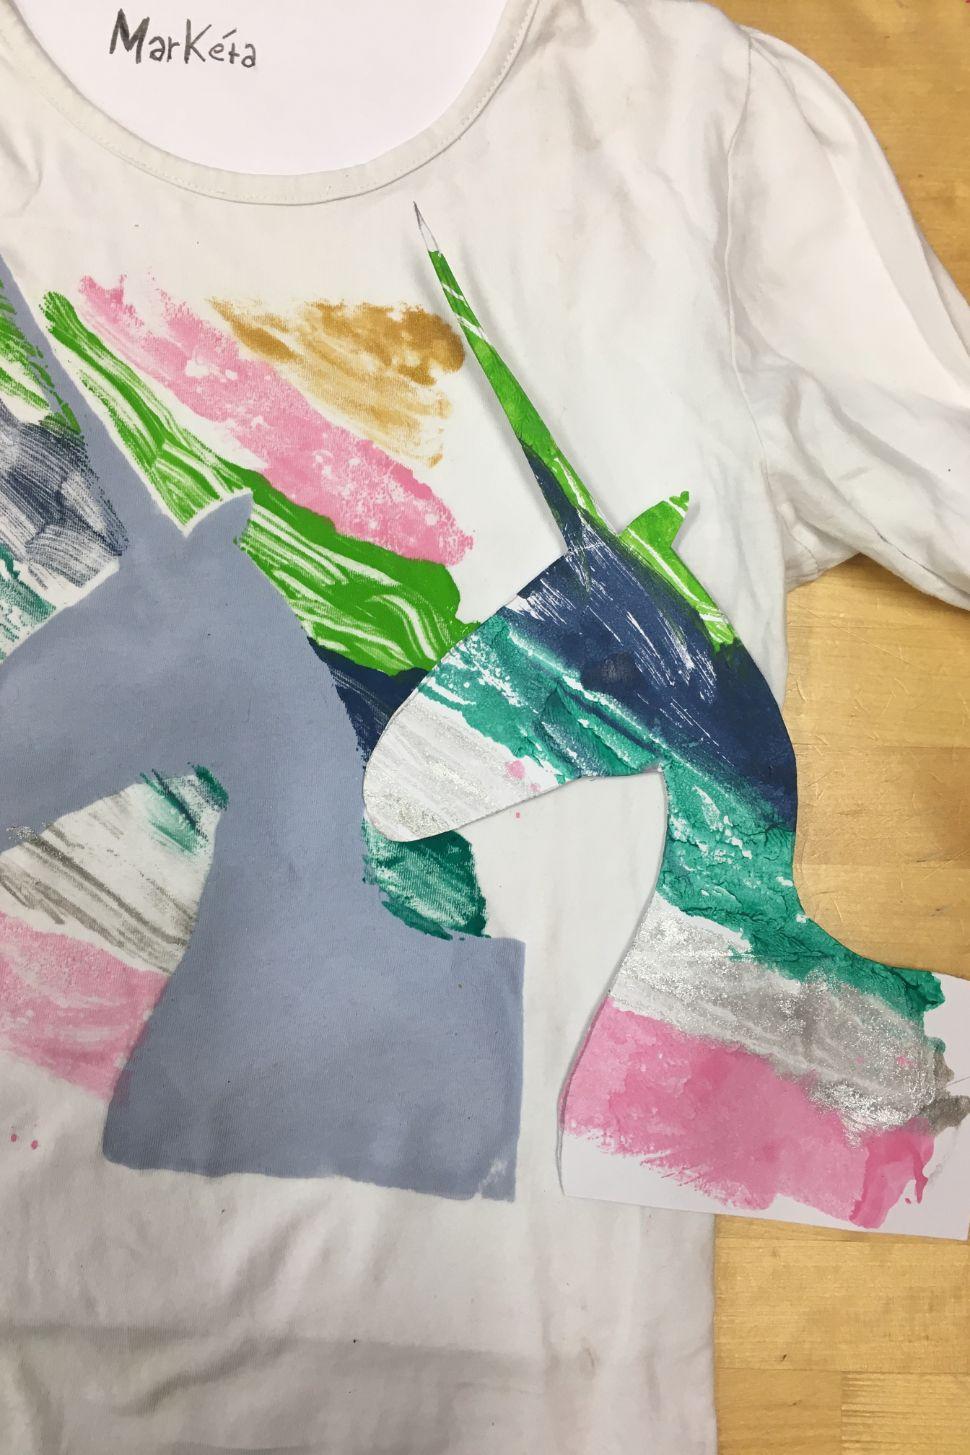 online workshop malujeme nejen na tričkomalování na textil webinář 5 výtvarných technik a 10 tipů jak malovat nejen na triko s lektorkou arteterapie radkou rubešovou